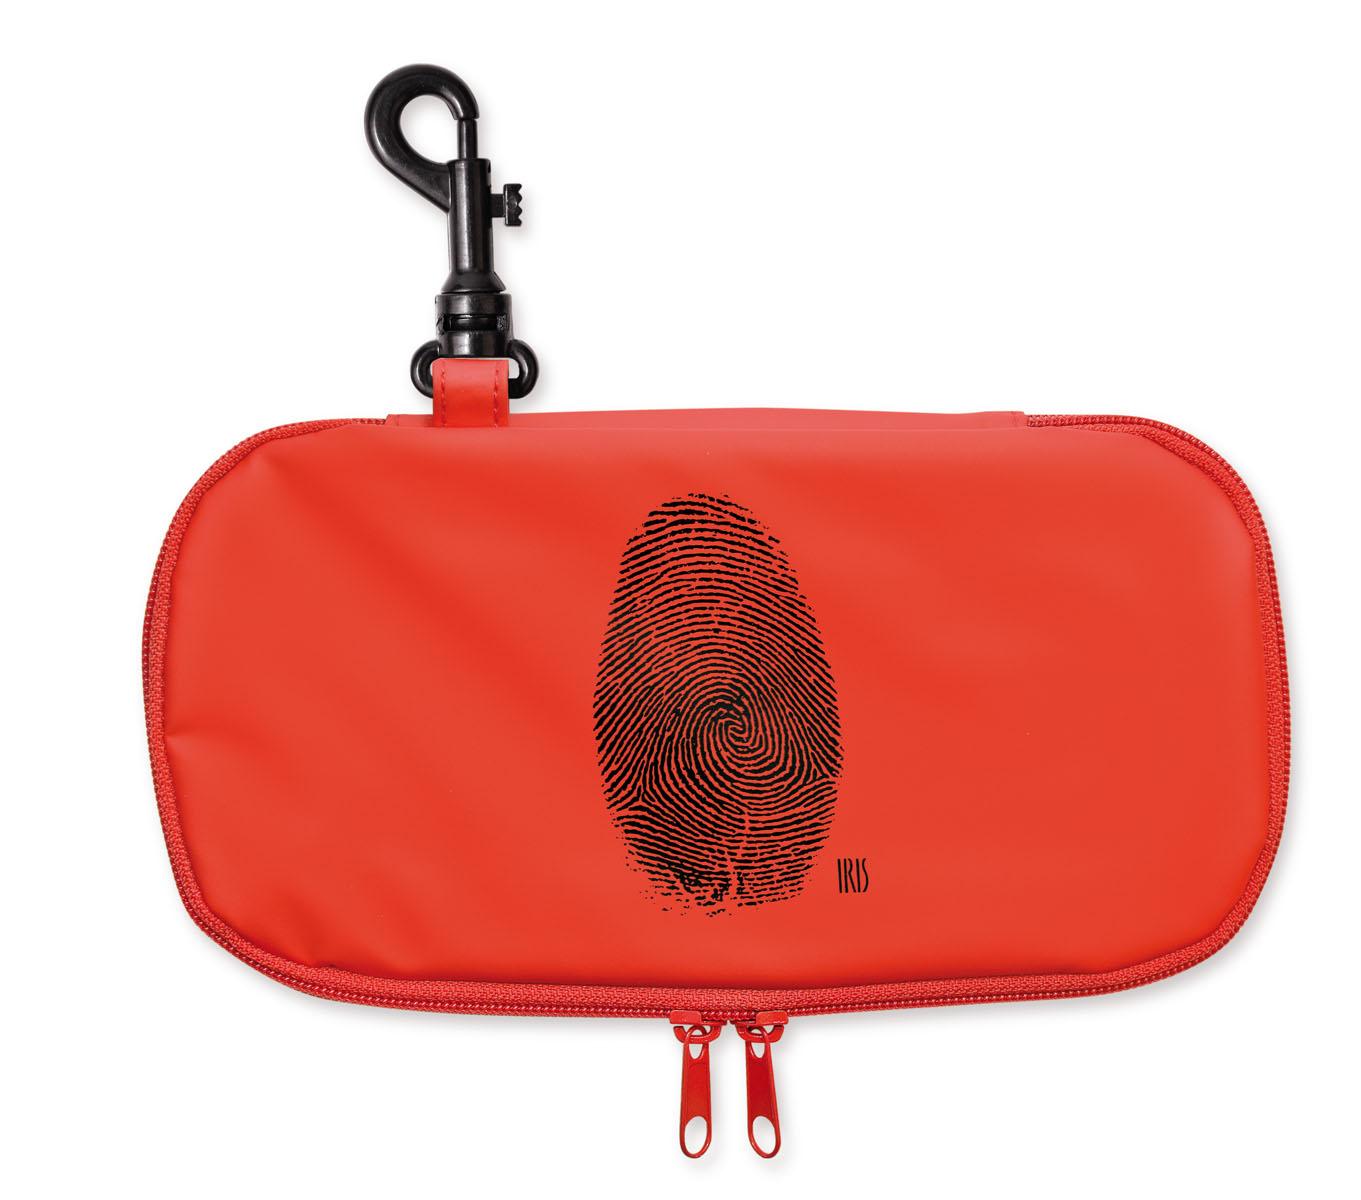 Термобутербродница Iris Barcelona Teen Boy, цвет: красный, 24 х 12 см9912-THТермобутербродница Iris Barcelona Teen Boy идеально подходит, чтобы взять в школу, на прогулку или в поездку. В течение нескольких часов сохранит еду свежей и вкусной благодаря специальному внутреннему покрытию из теплоизолирующего материала. Специальный фиксирующий поясок не позволит бутерброду распасться.Безопасный пластмассовый карабин позволит легко пристегнуть бутербродницу к ранцу или сумке.Заменяет все одноразовые упаковки. При бережном использовании прослужит не один год.